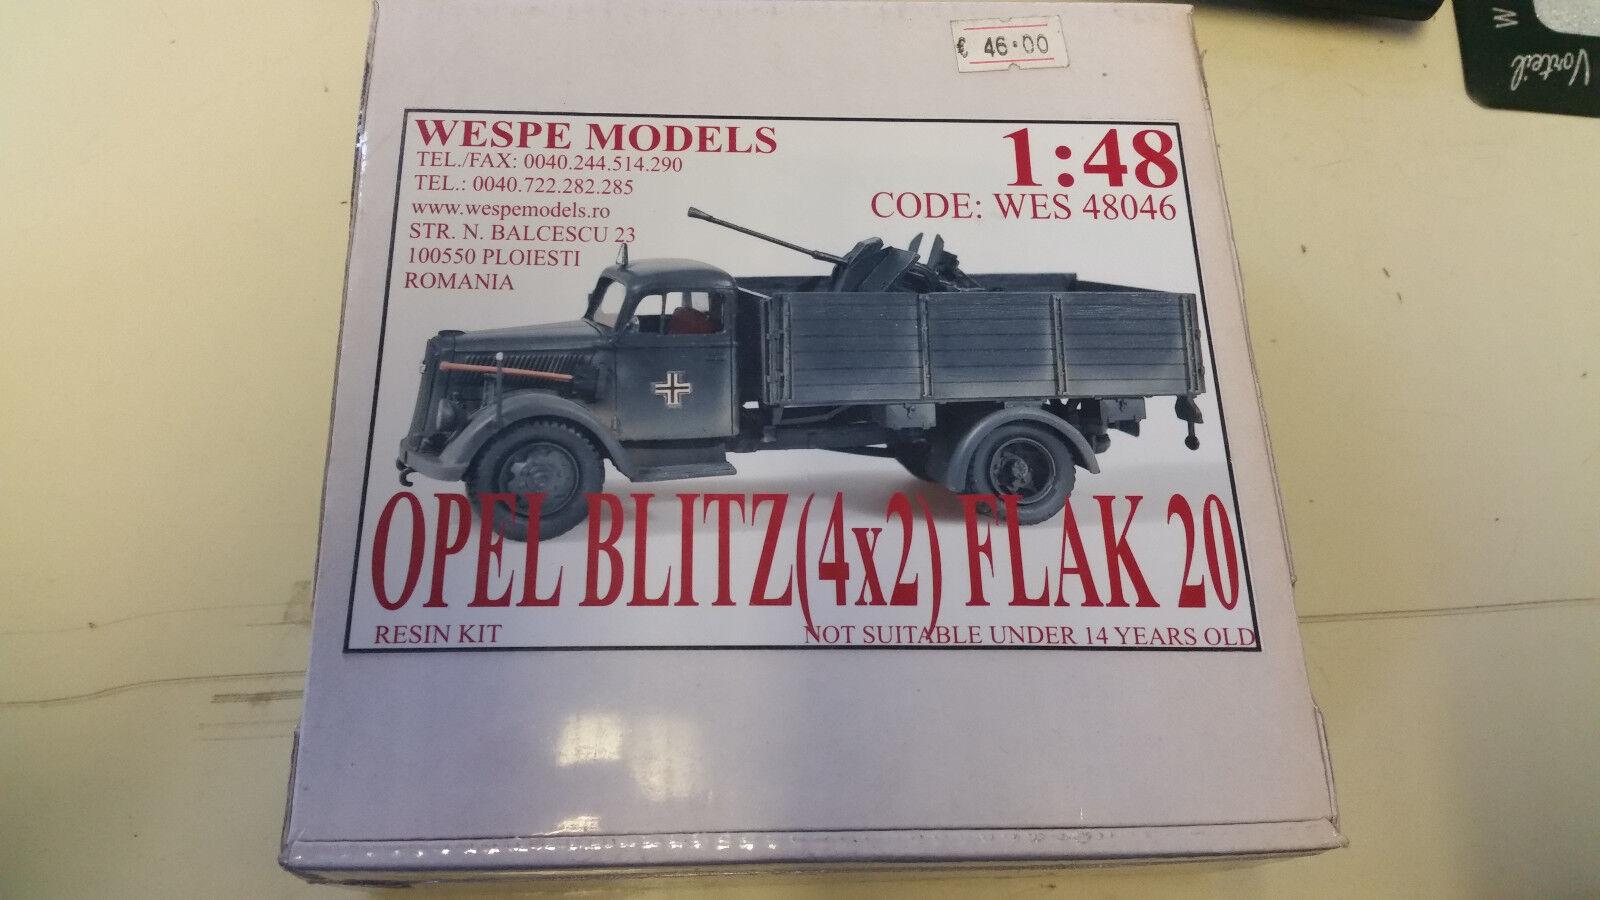 Opel Blitz 4x2 Flak 20 Wespe Resin Models 1 48 Wes 48046